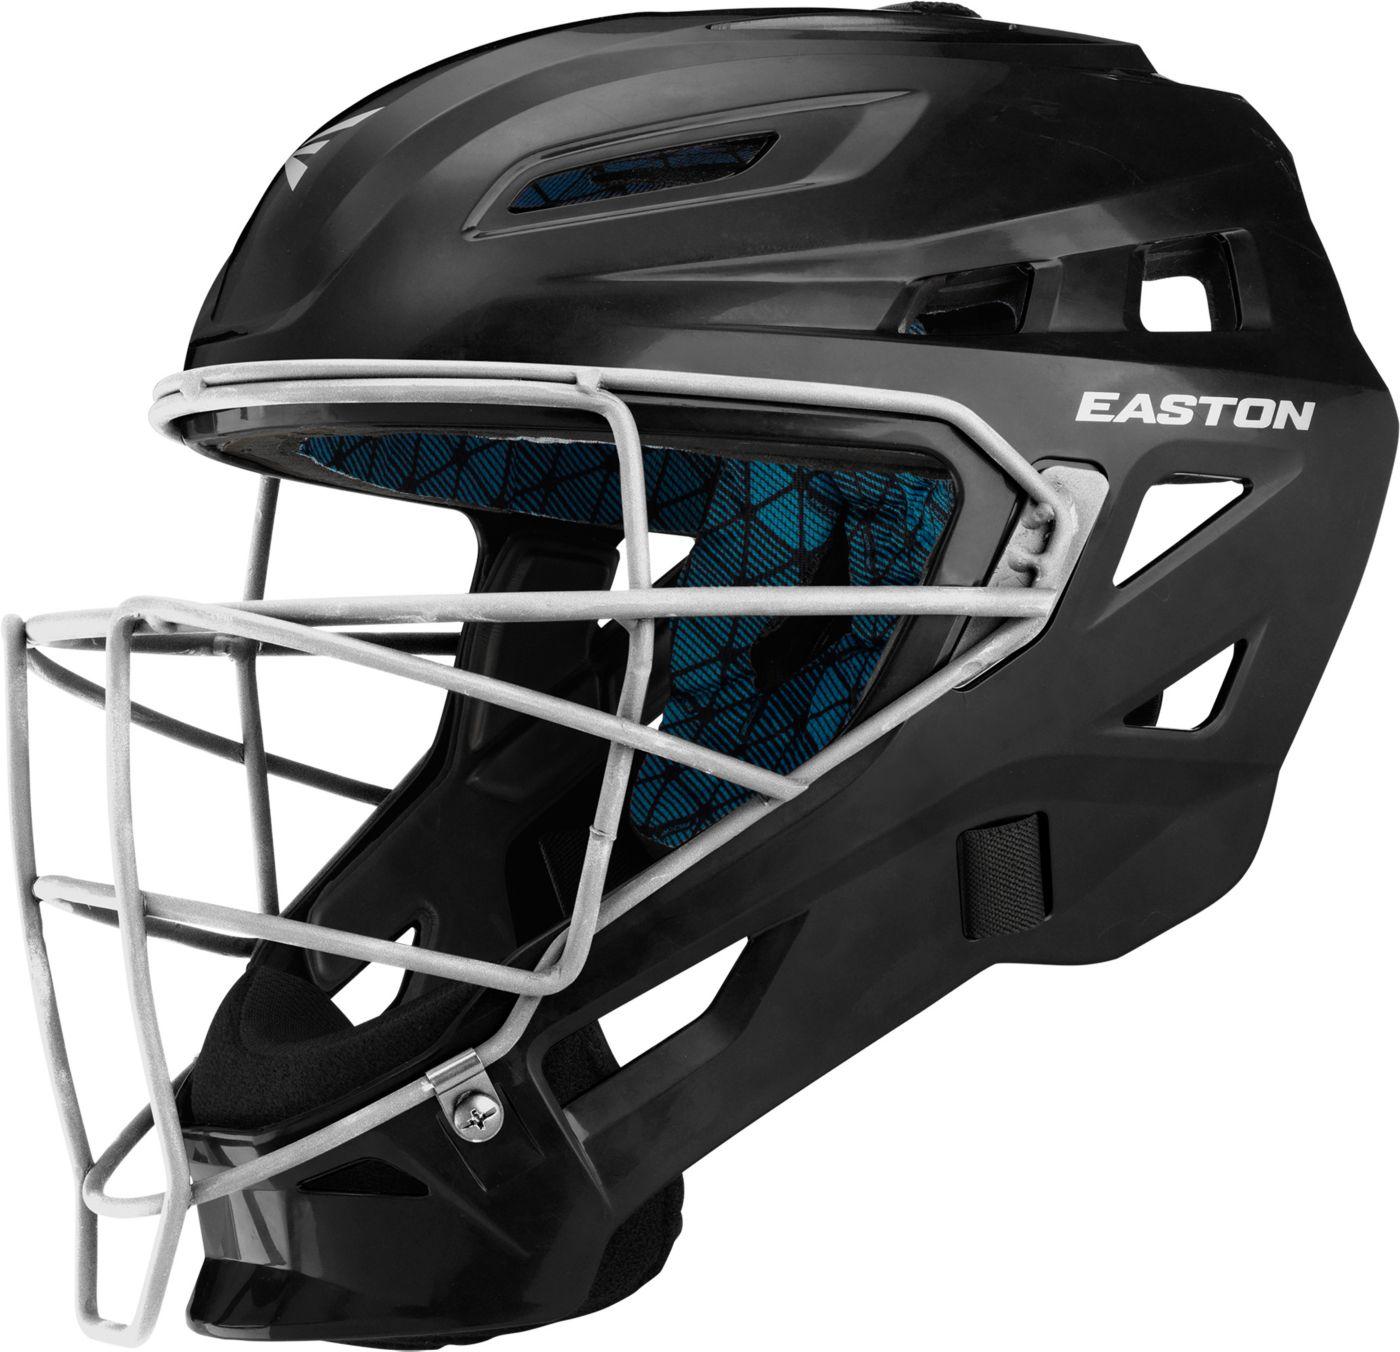 Easton Intermediate Gametime Elite Catcher's Helmet